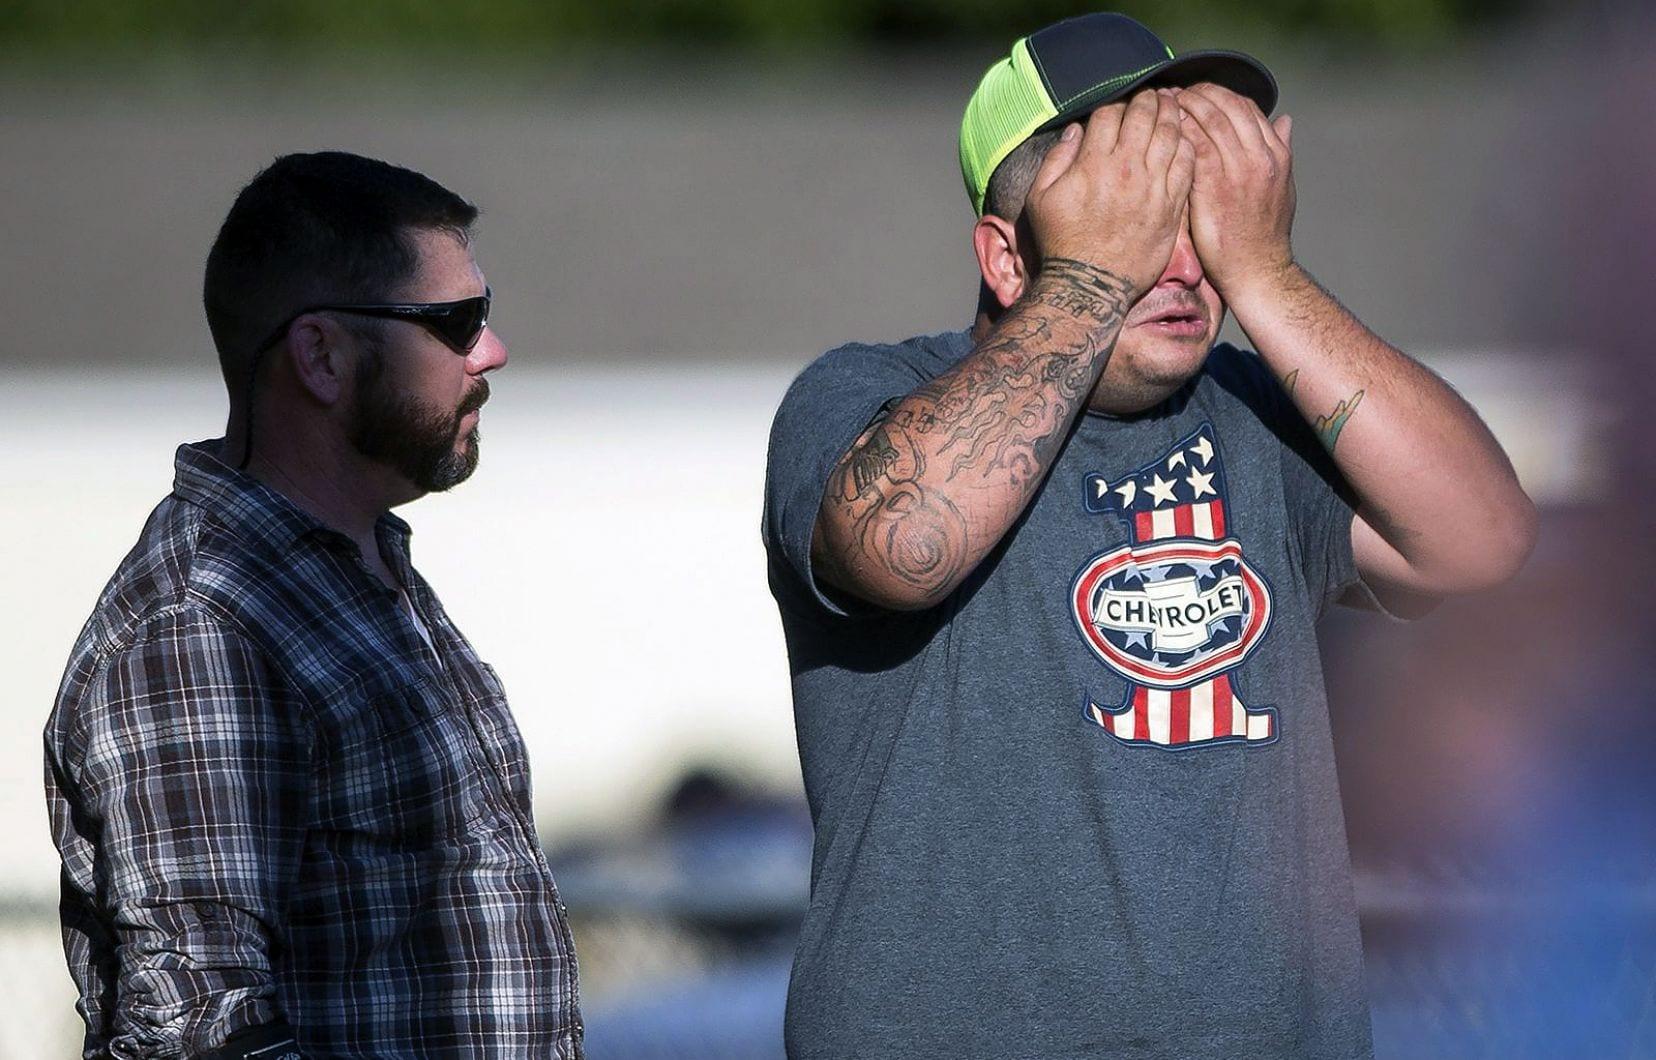 ALERTE Au moins 2 morts dans une fusillade dans une église au Texas